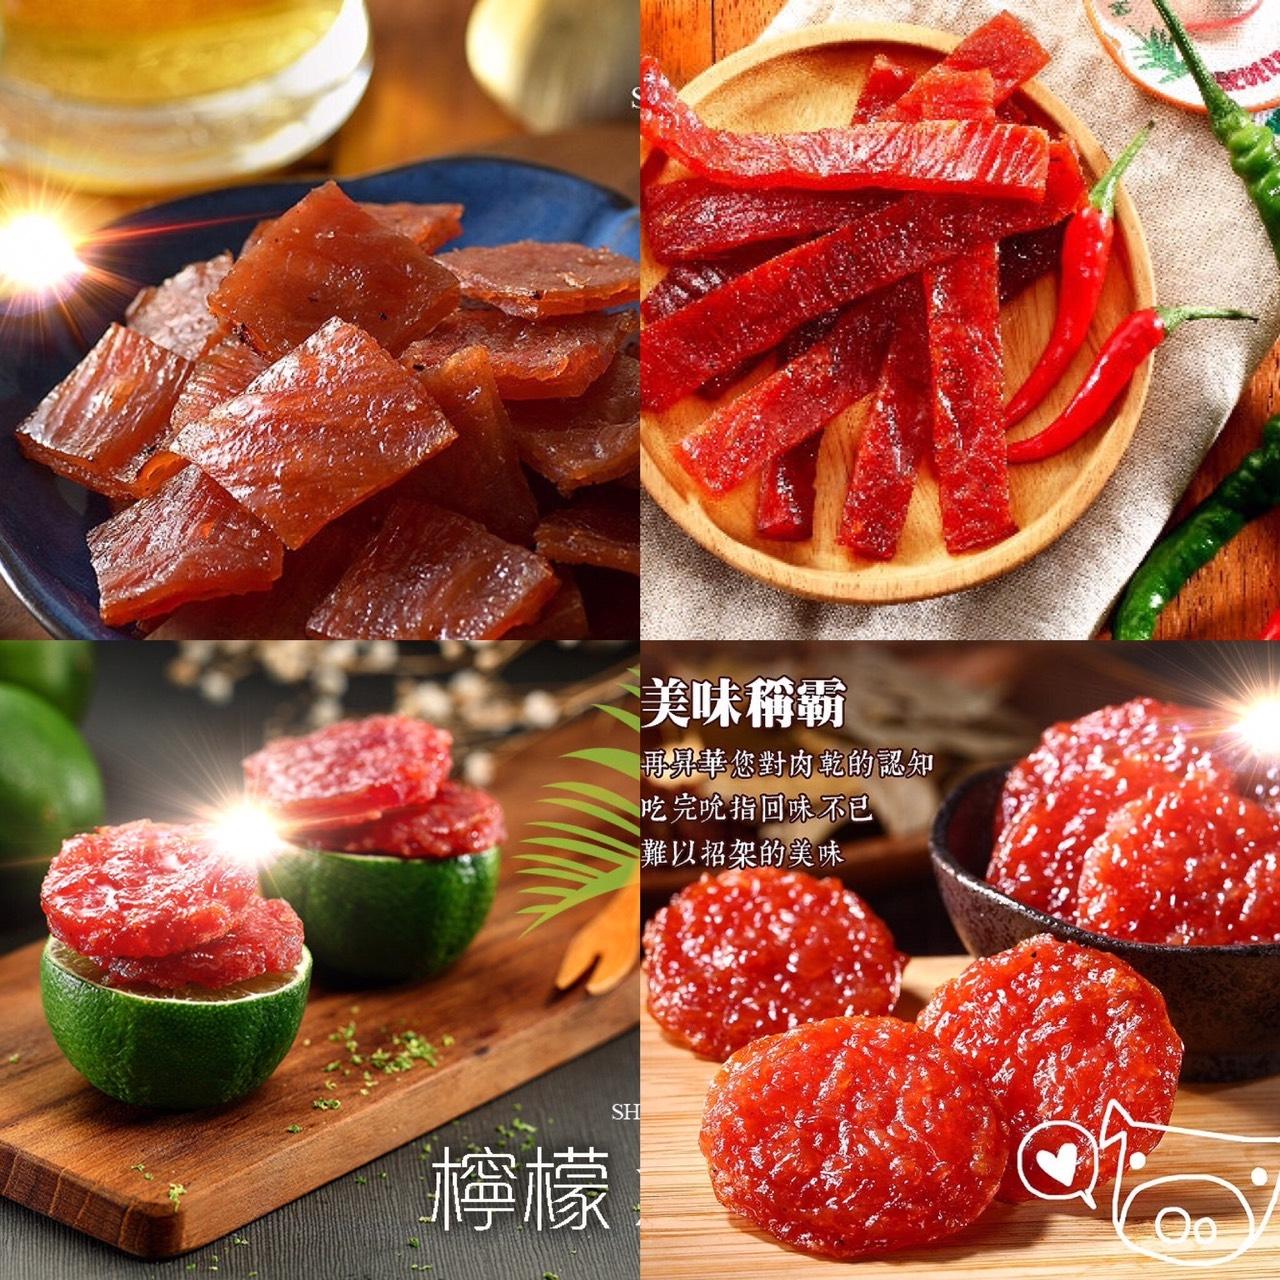 水根肉乾_清爽獨家2包組合(圓燒肉乾190g/包 條子肉乾/200g/包)